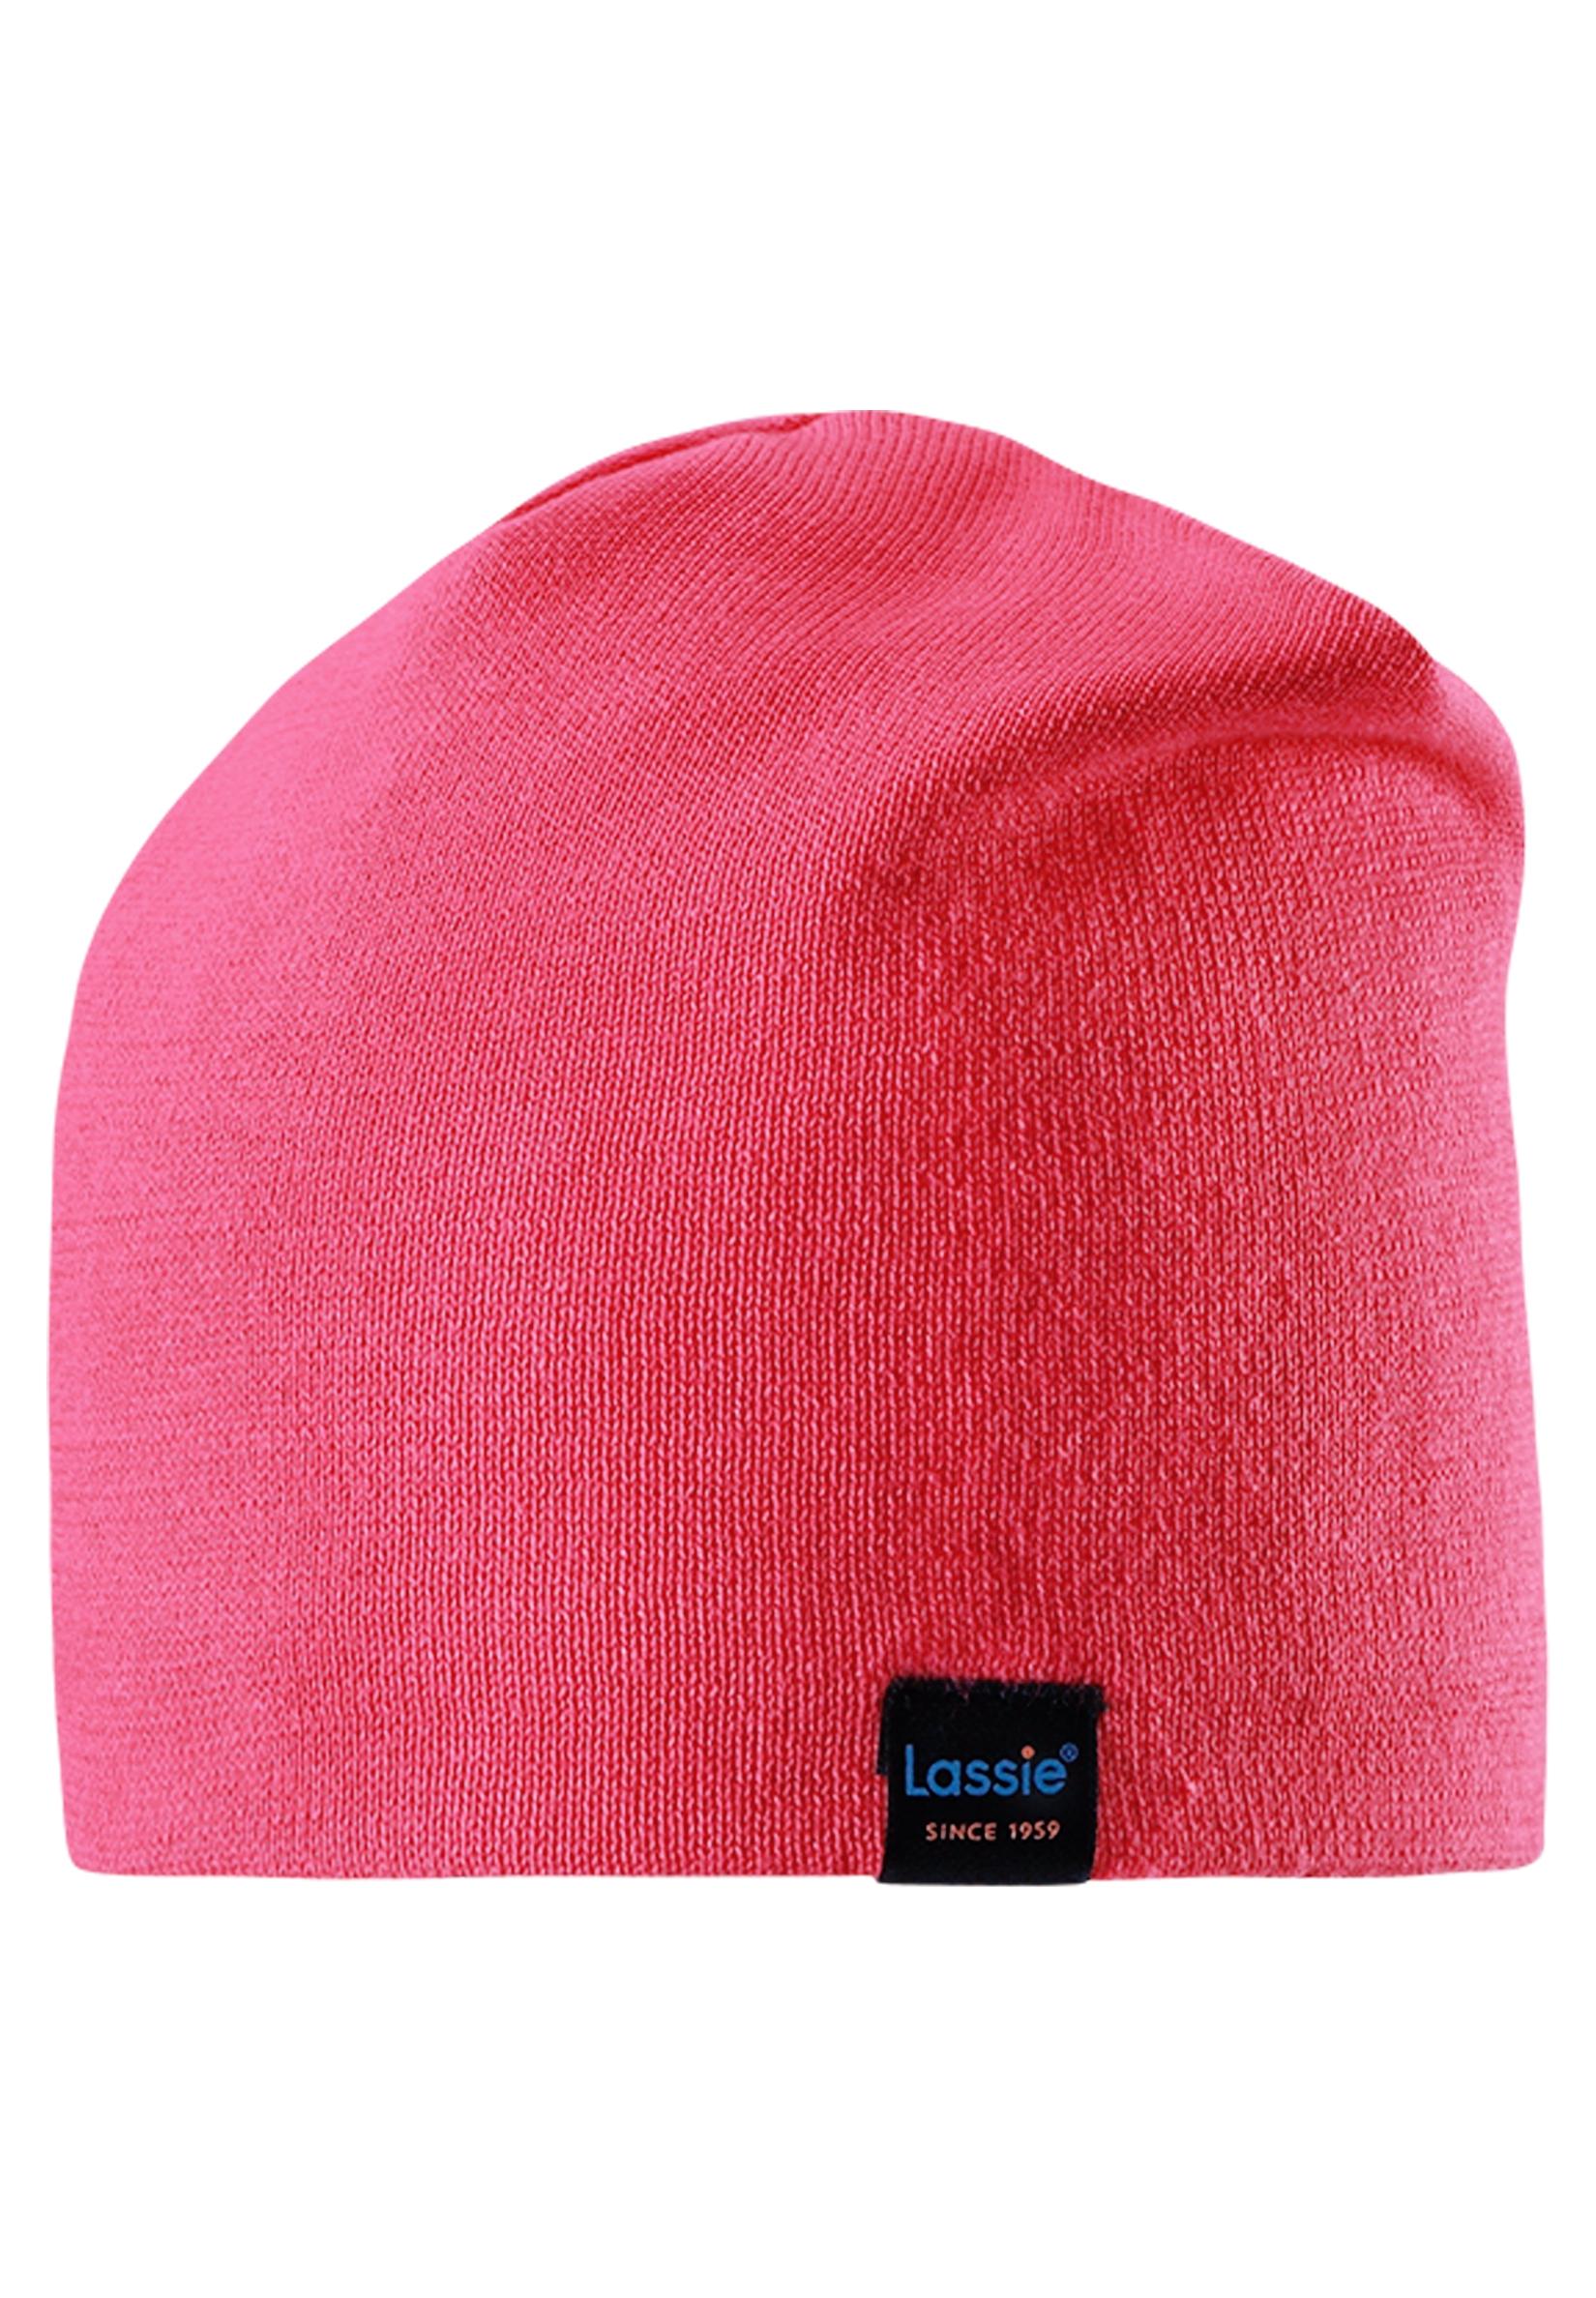 Шапка детская Reima для девочки шапка детская reima lumula цвет синий 5285946981 размер 56